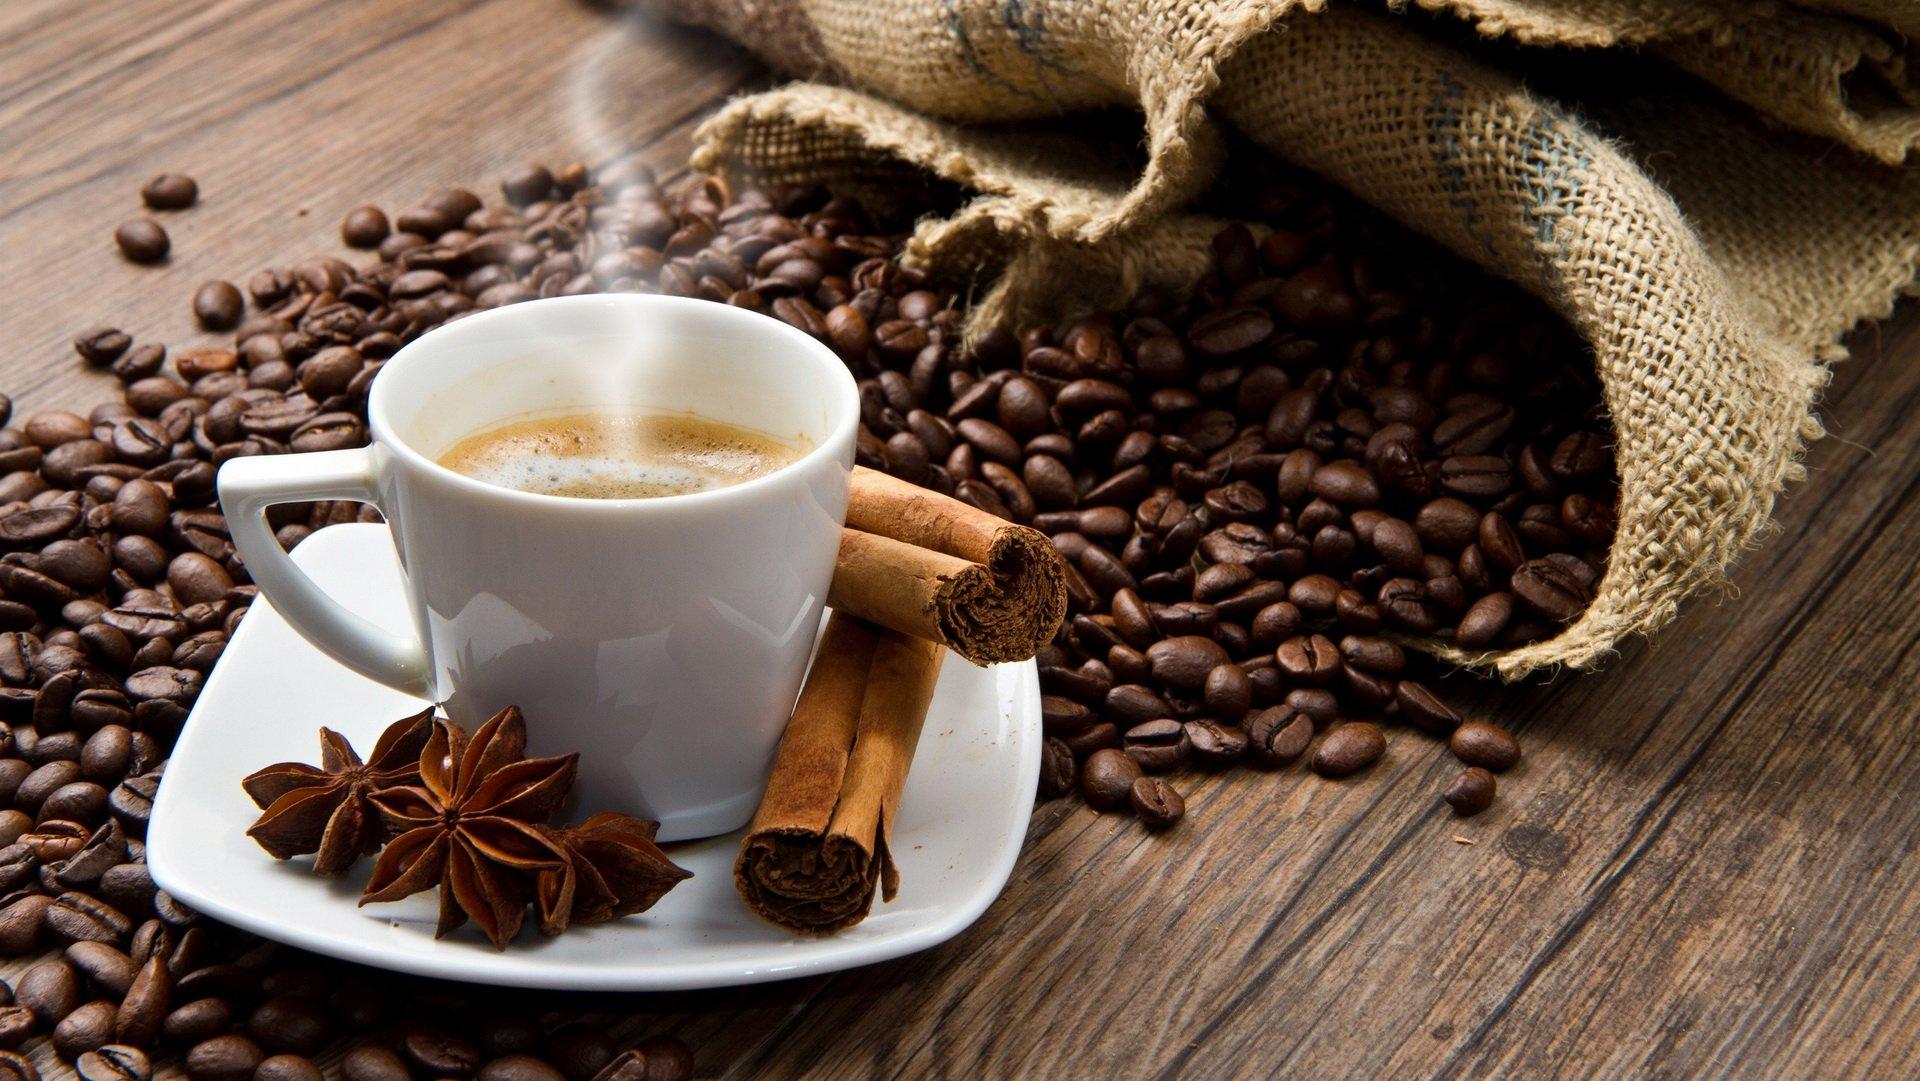 Чтобы открыть кофейню с нуля, предпринимателю нужно зарегистрироваться в налоговой инспекции